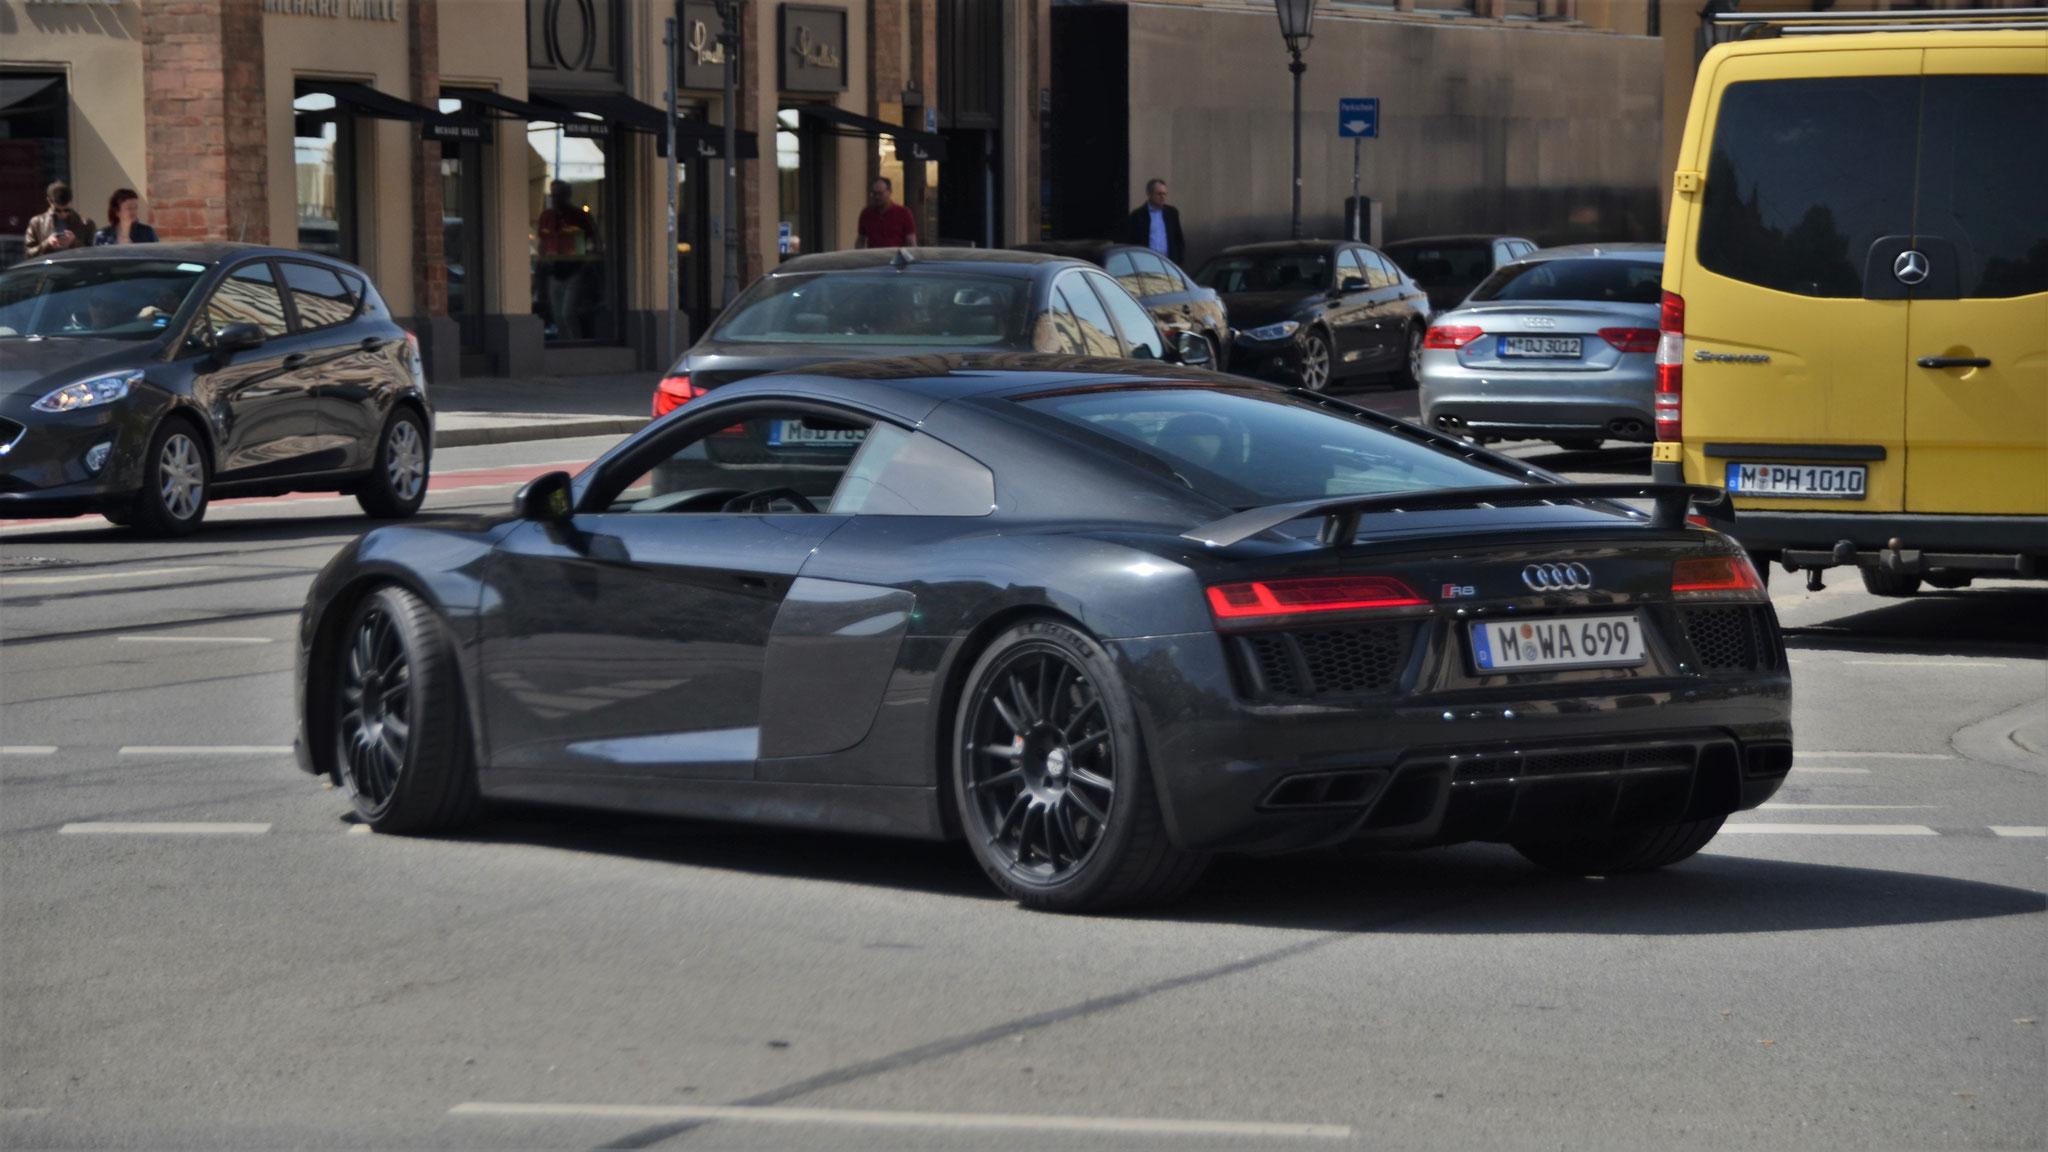 Audi R8 V10 - M-WA-699